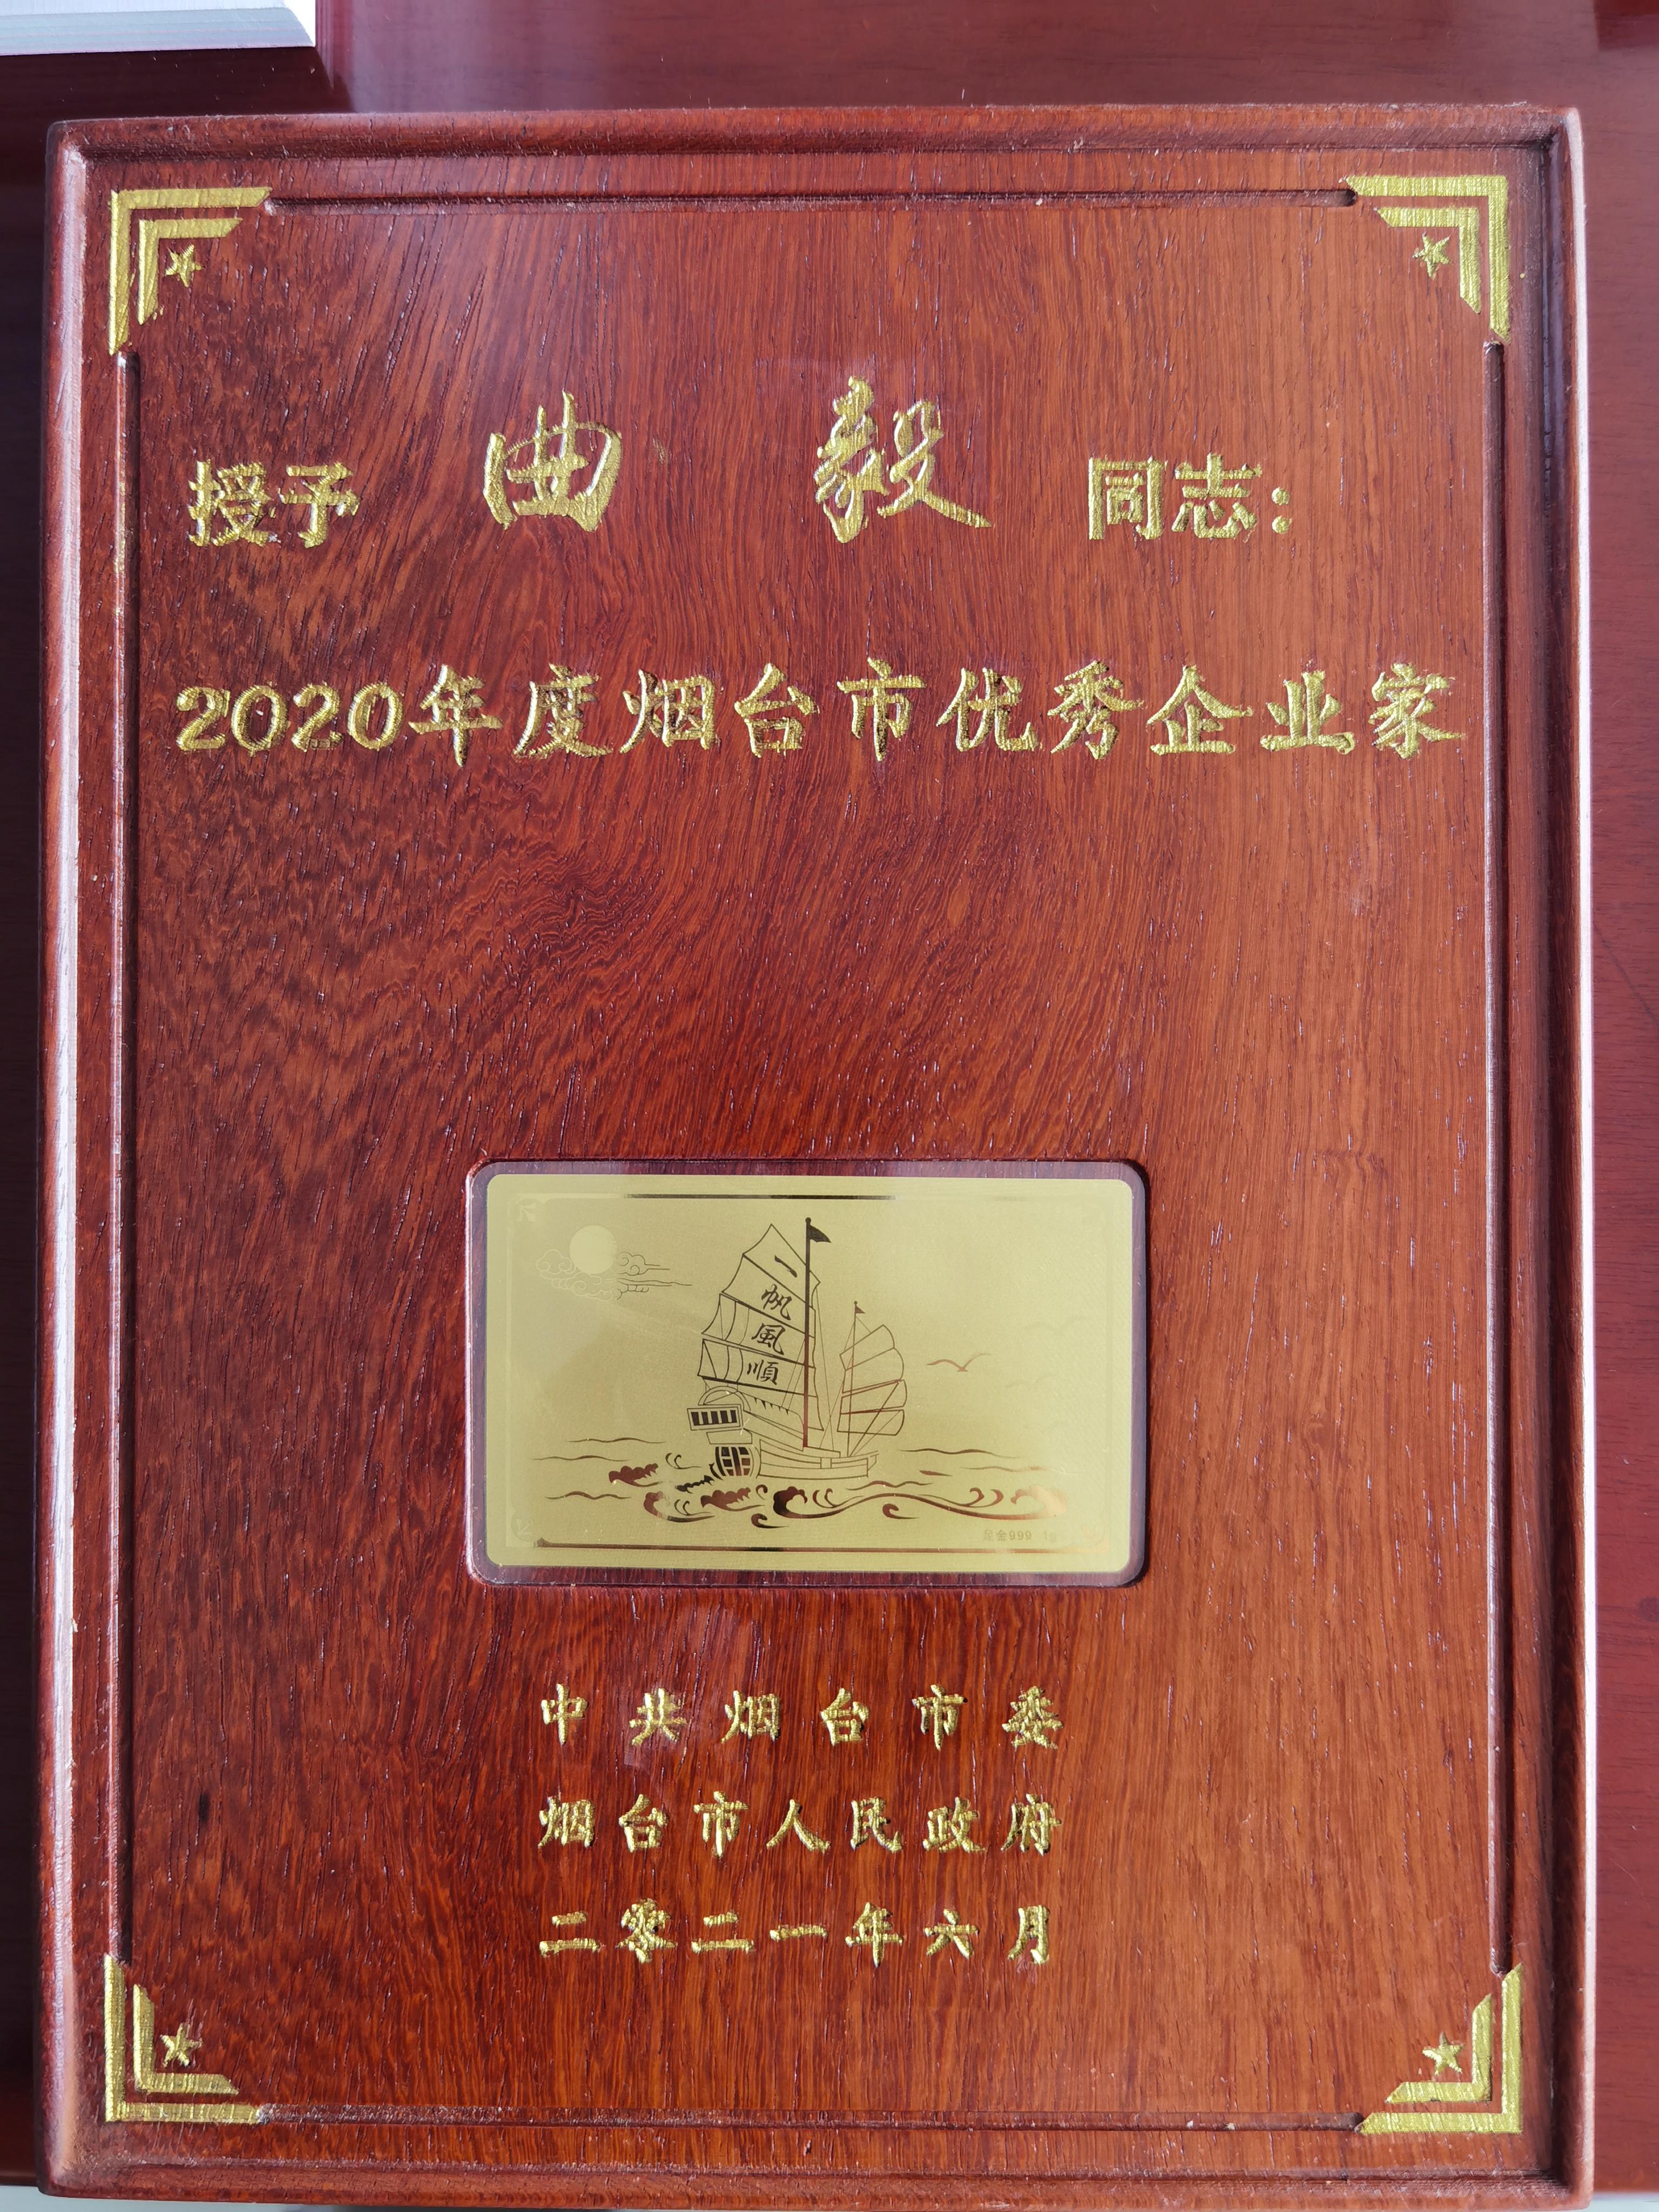 """天博官网董事长曲毅先生荣获""""2020年度烟台市优秀企业家""""荣誉称号"""